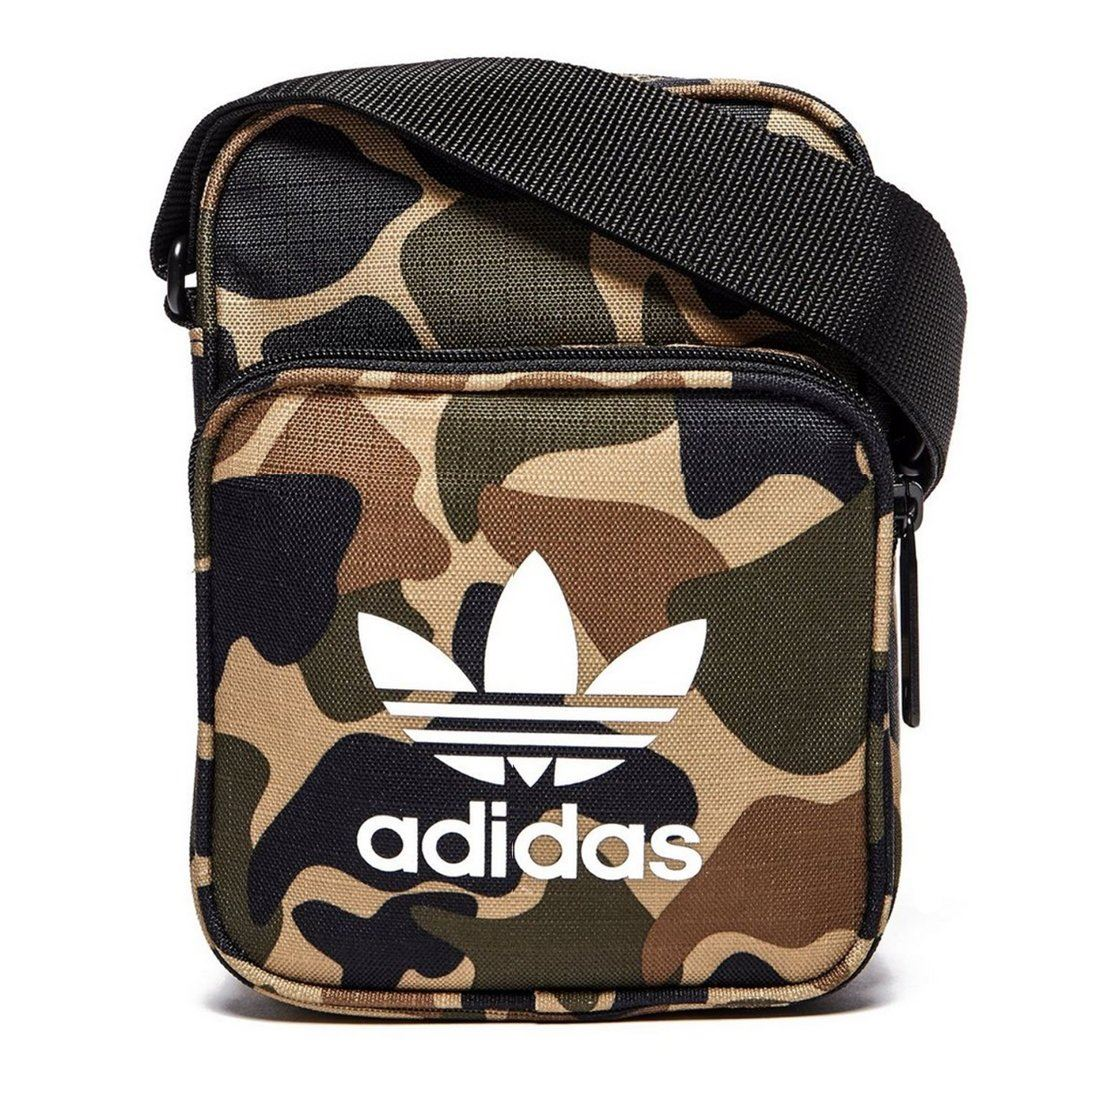 524bbbc35137 Details about adidas ORIGINALS MEN S MINI FESTIVAL BAG MULTI CAMO TREFOIL  HOLIDAYS KEYS CASH